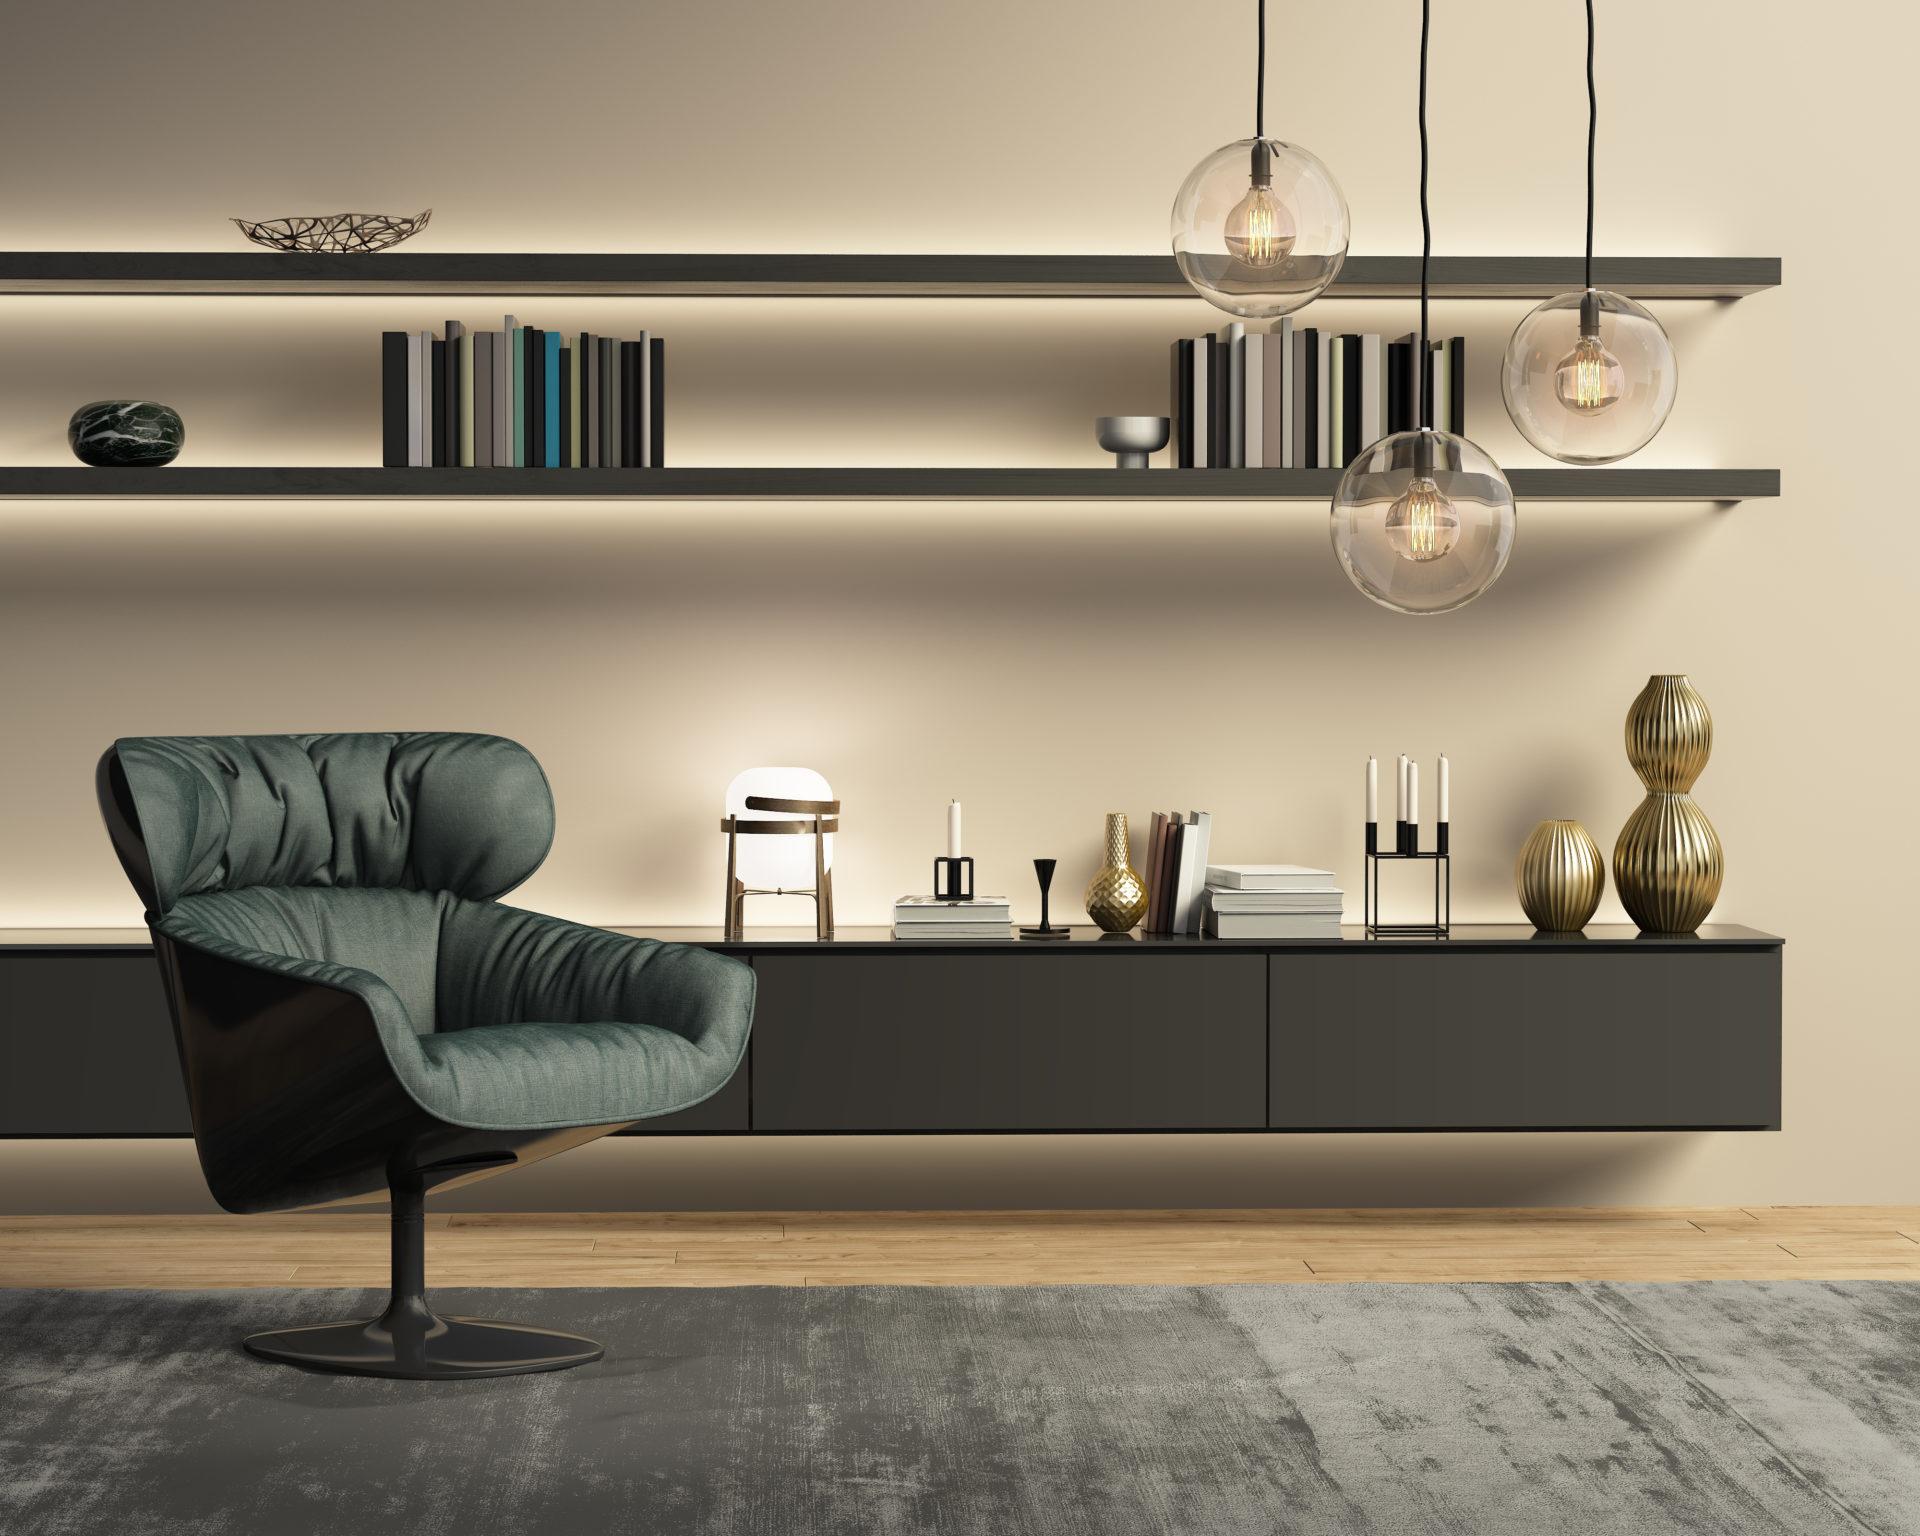 Full Size of Contemporary Modern Beige Wall System Living Room Wohnzimmer Hängelampe Wohnzimmer